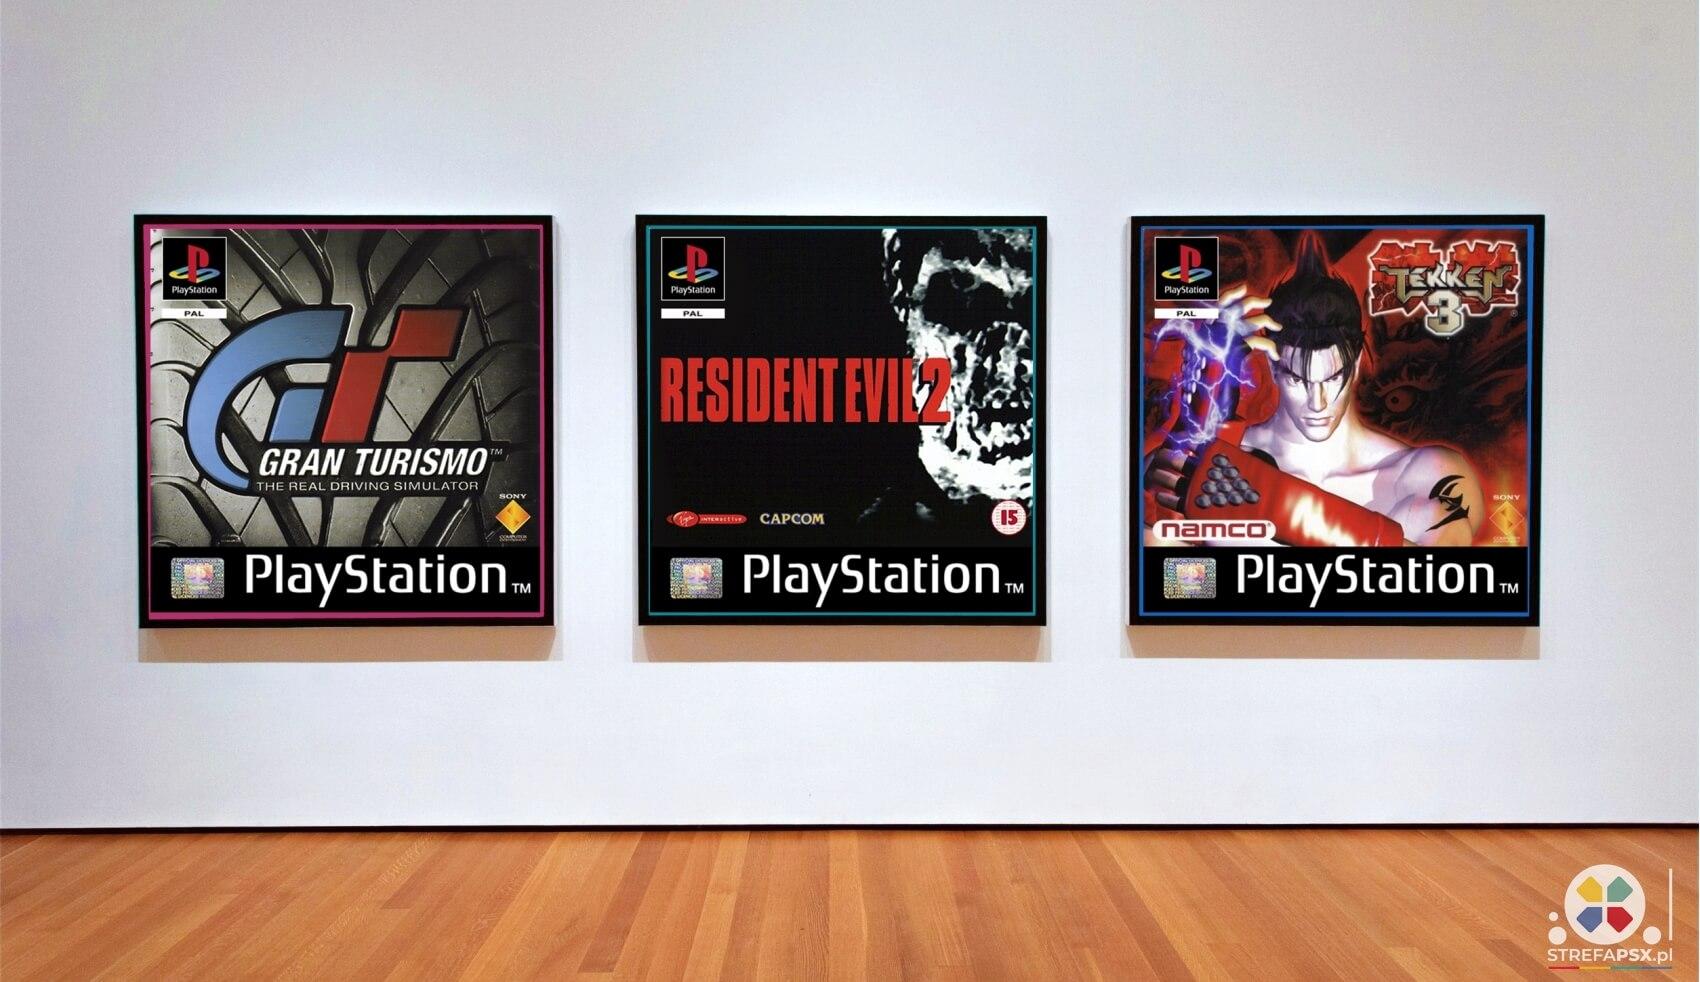 obrazy playstation 2 - Obrazy płyt PlayStation – wczoraj i dziś